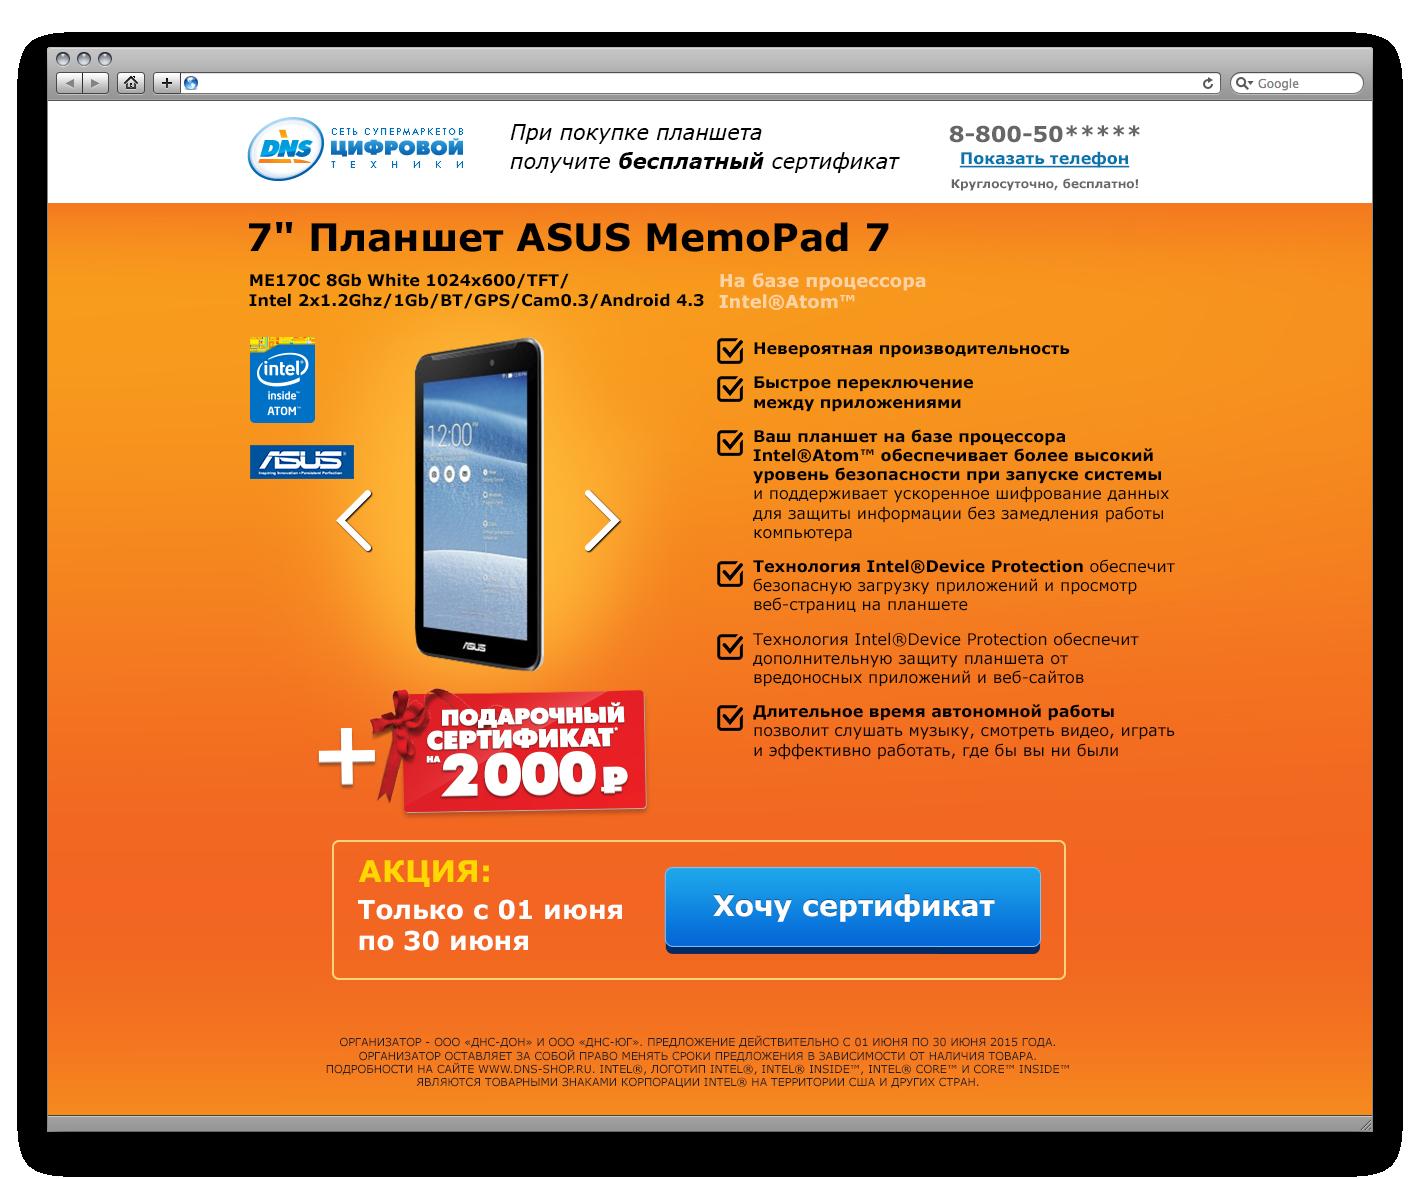 LP для сети супермаркетов цифровой техники DNS